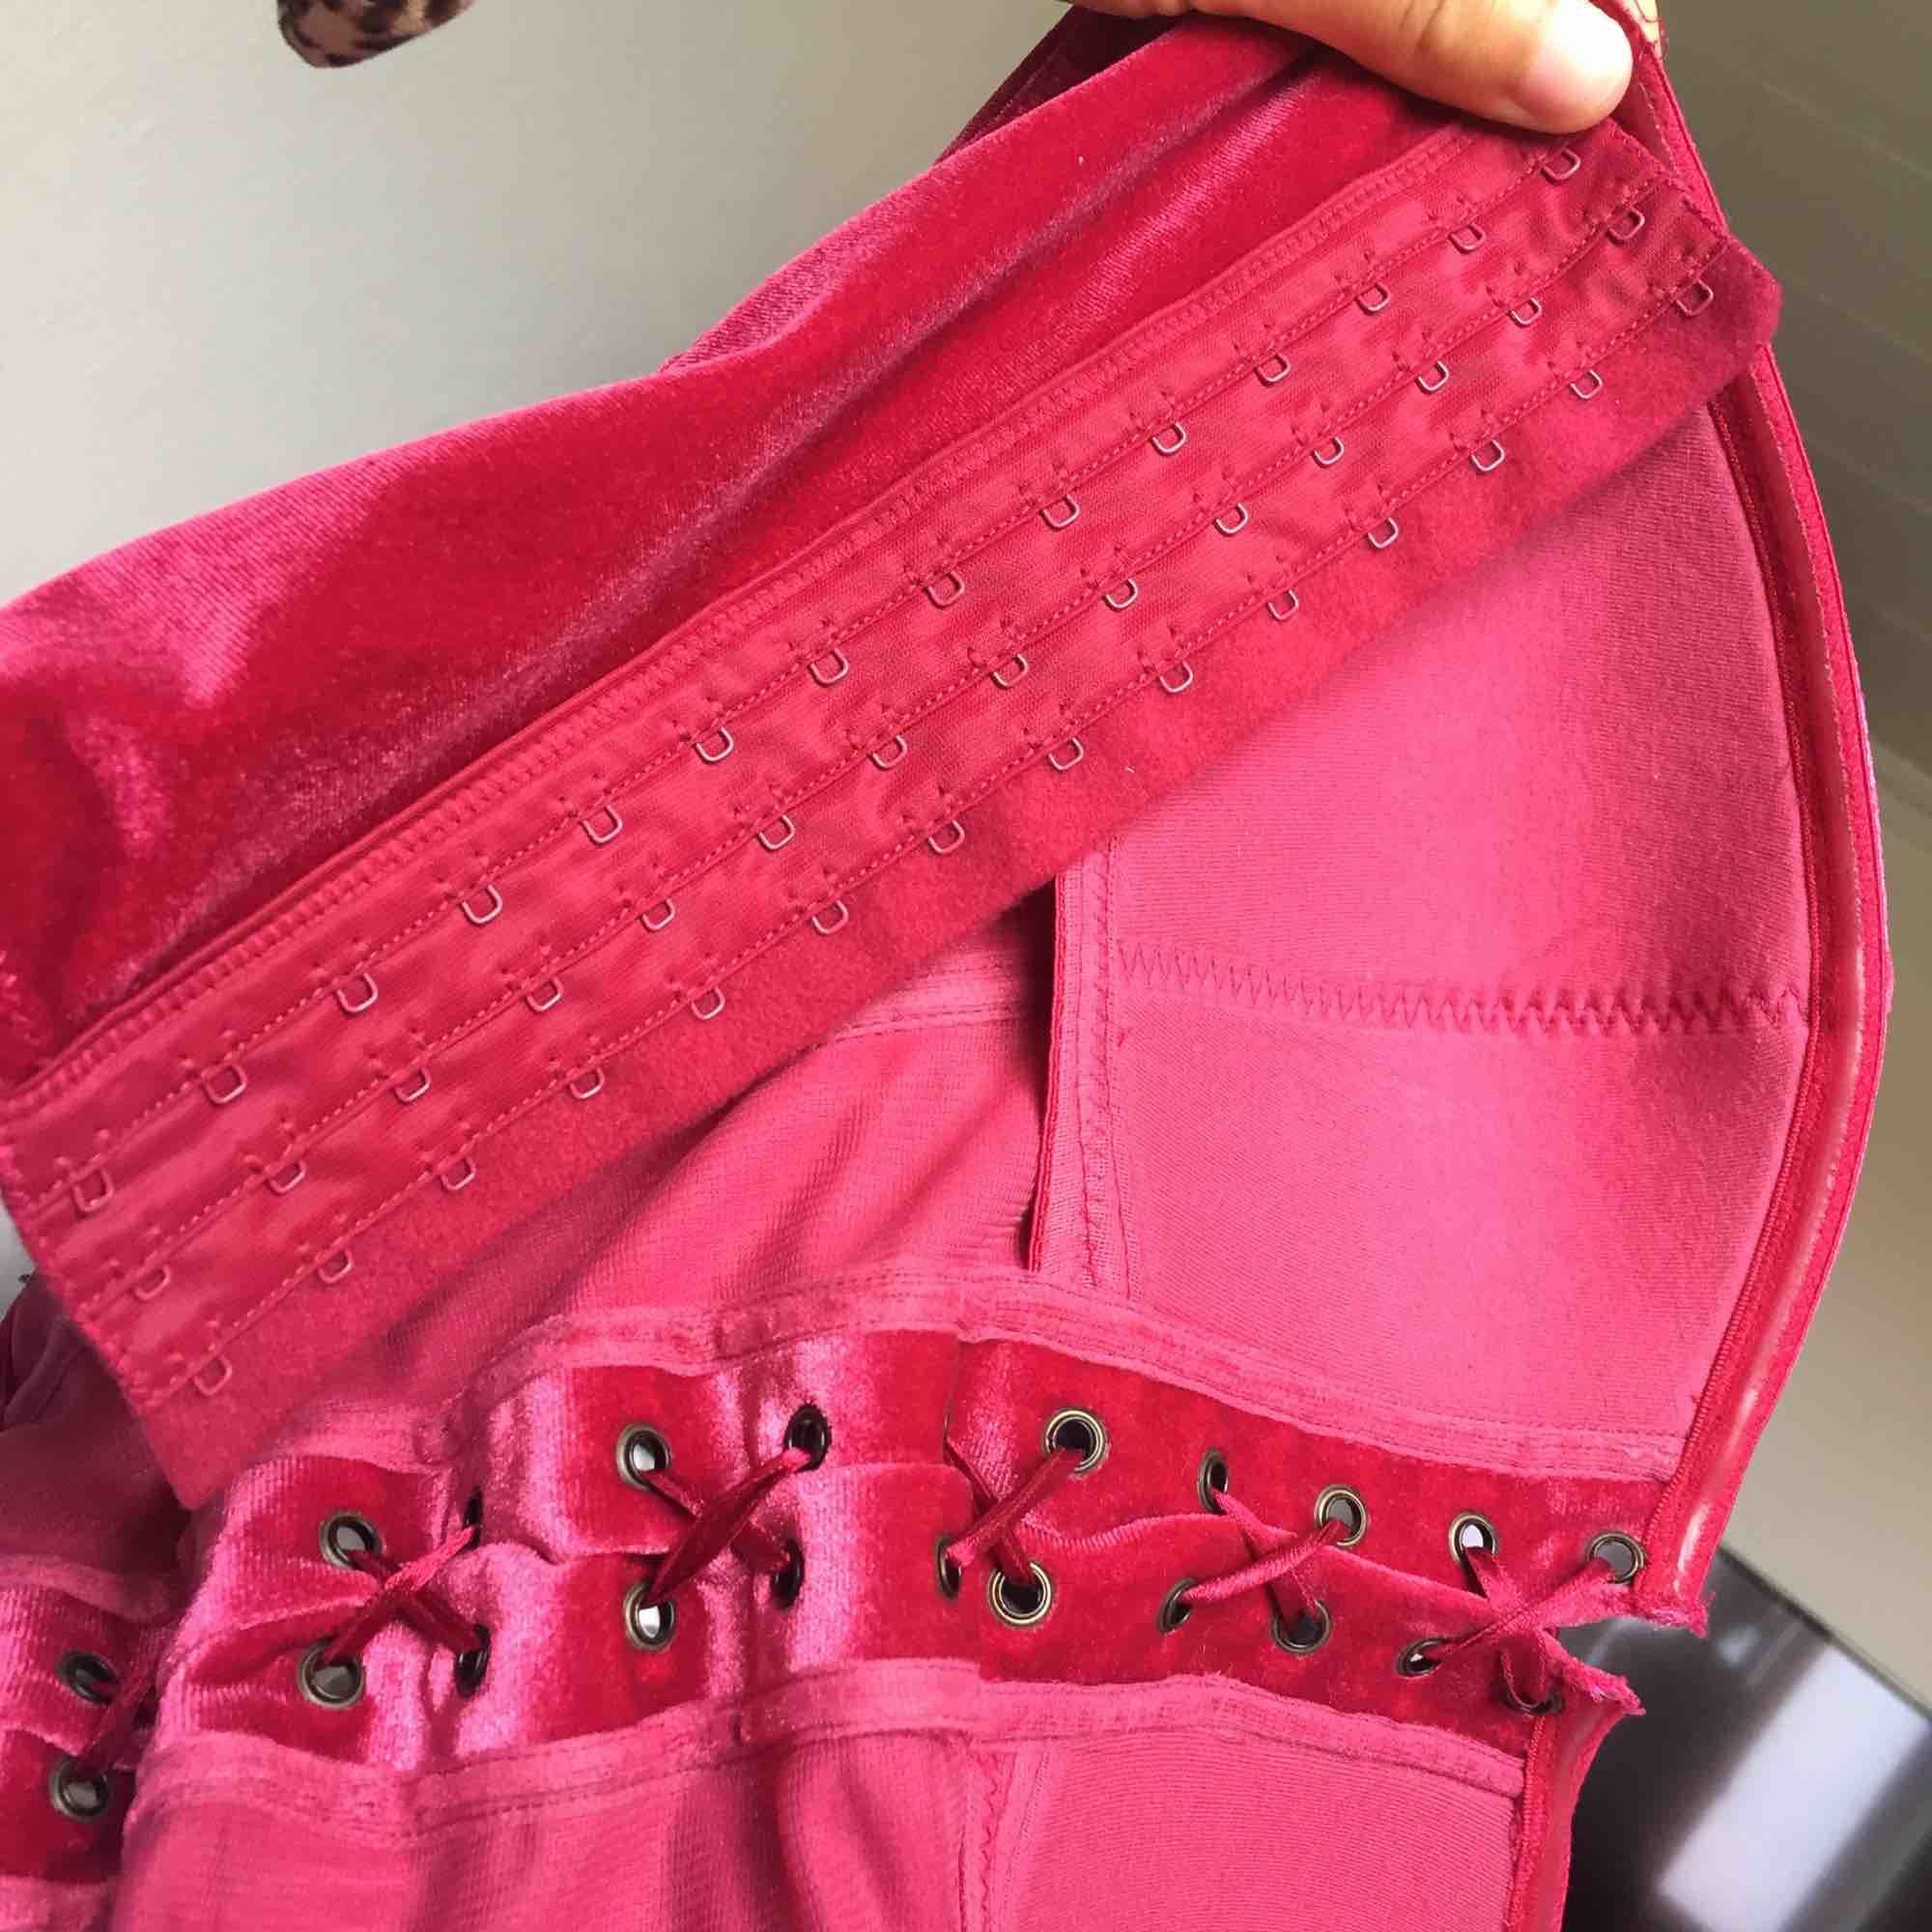 Världens finaste vintage korsett i sammet!!! 🌺 Färgen är så grym 😭 Det svider att sälja denna pärlan men den används för sällan </3  • Följ min profil och kolla gärna mina andra ads, nyskick, trendigt, prisvärt 💓 • . Toppar.